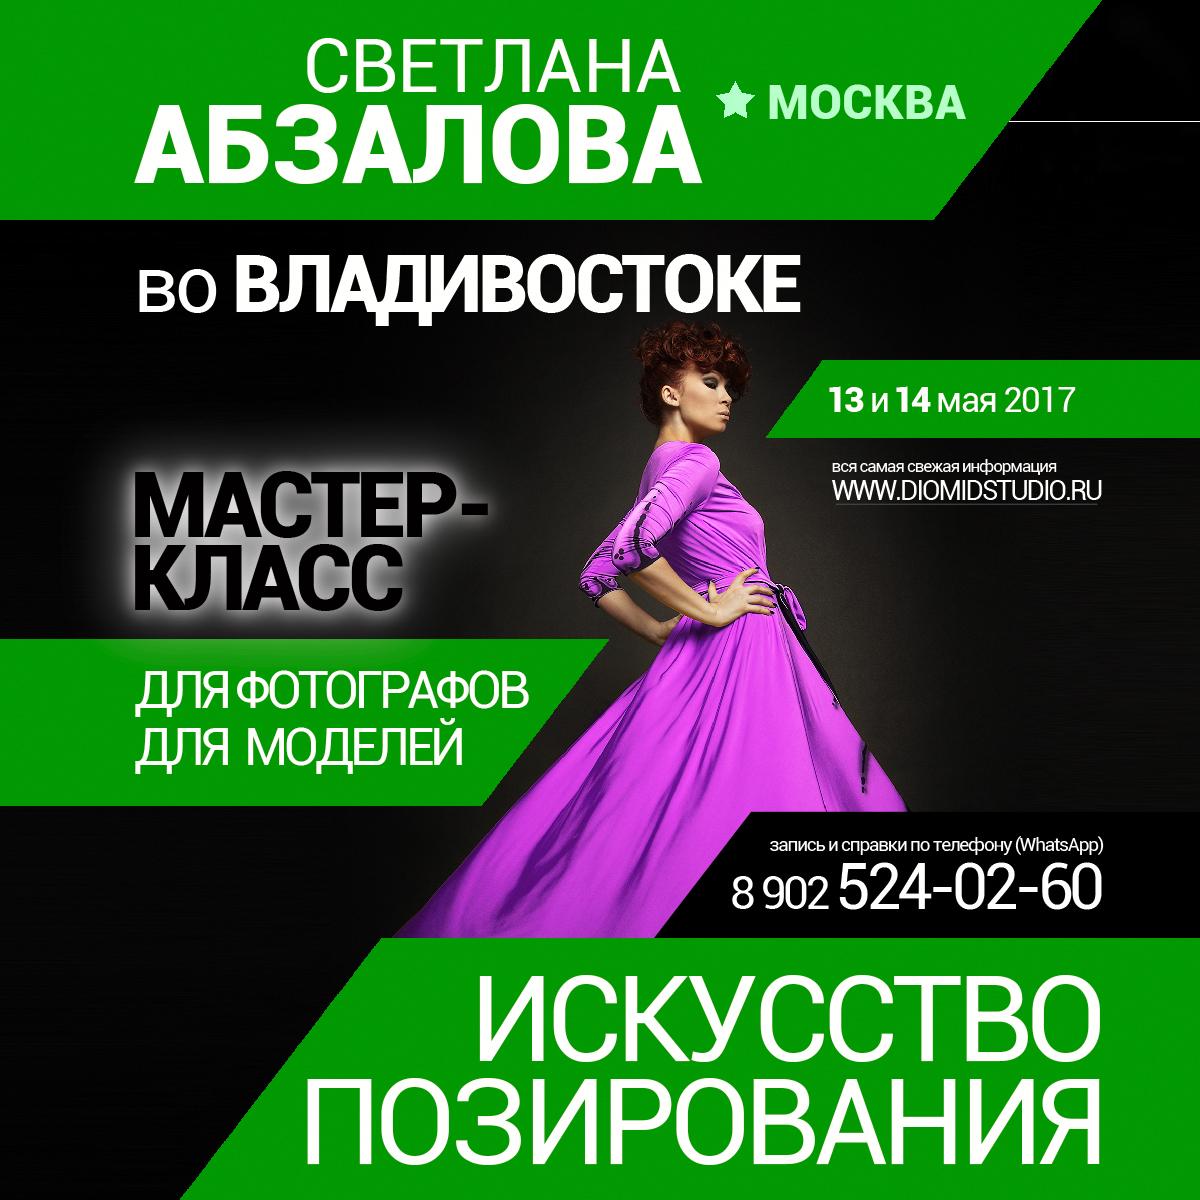 Мастер-класс Светланы Абзаловой (Искусство позирования) во Владивостоке 13 и 14 мая 2017.